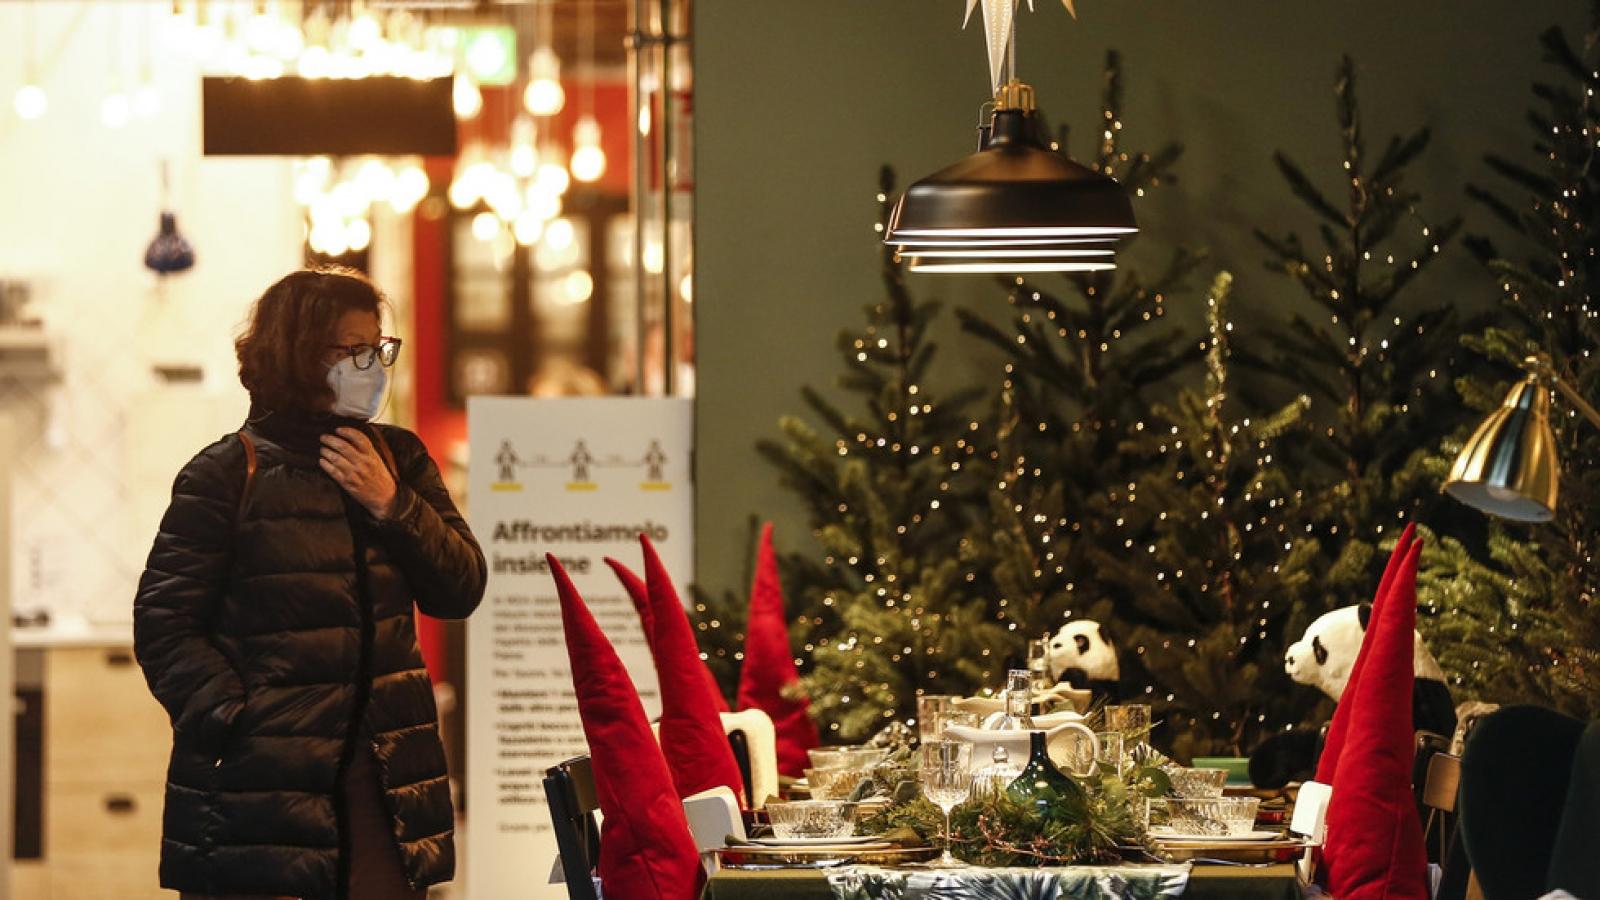 Thế giới đón Giáng sinh theo cách riêng trong mùa Covid-19